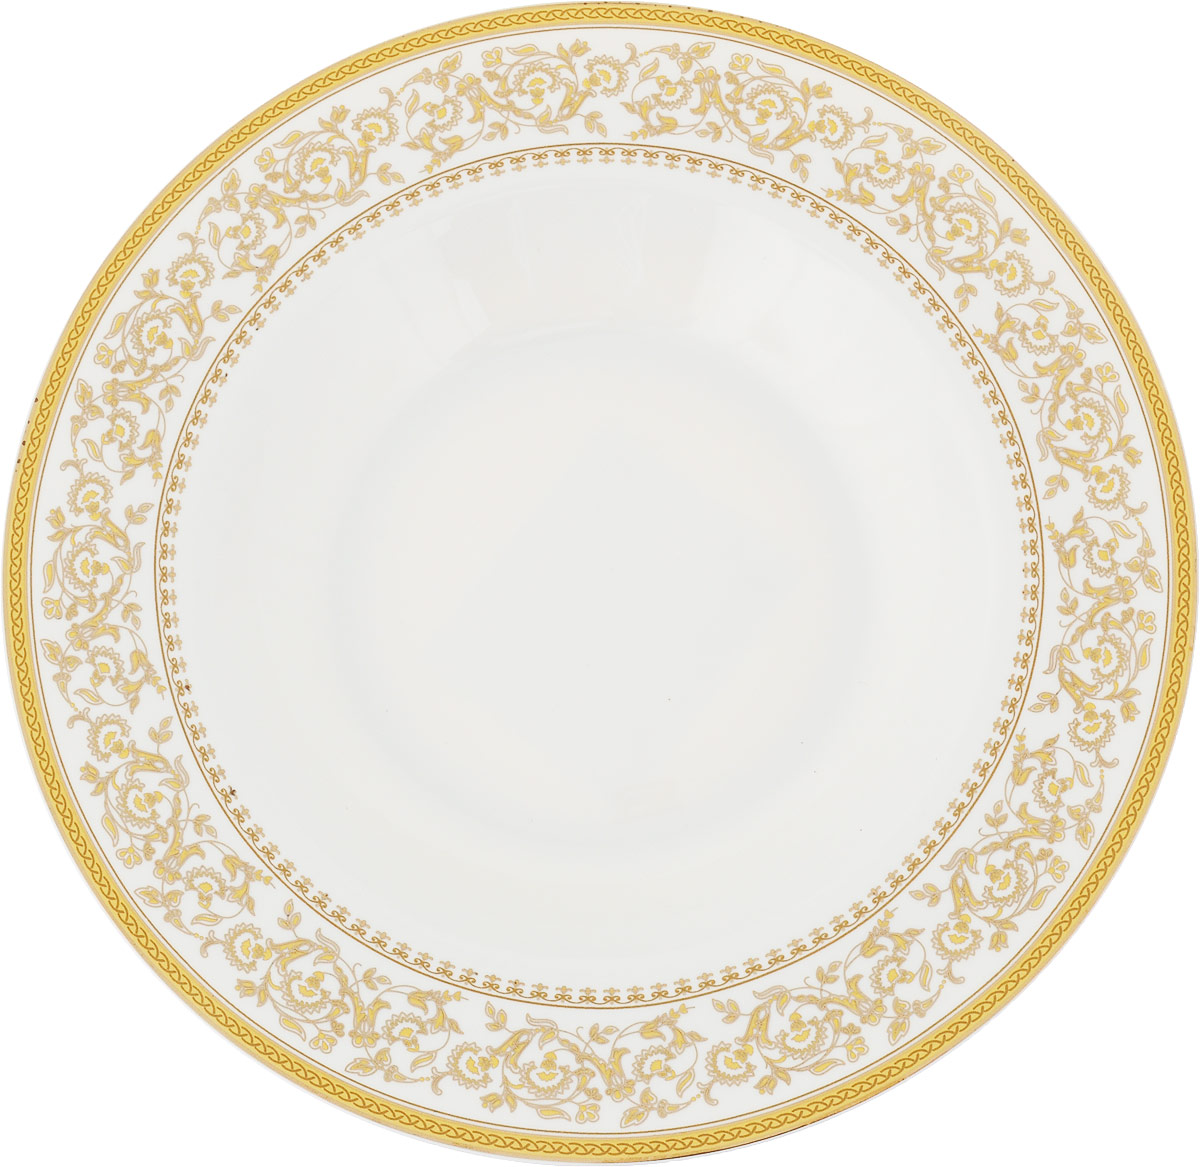 Тарелка суповая МФК-профит Империя, диаметр 21,5 см сувенир мфк профит набор посуды гадкий я 3 пр кружка 210 мл миска 18 см тарелка 19 см в под уп